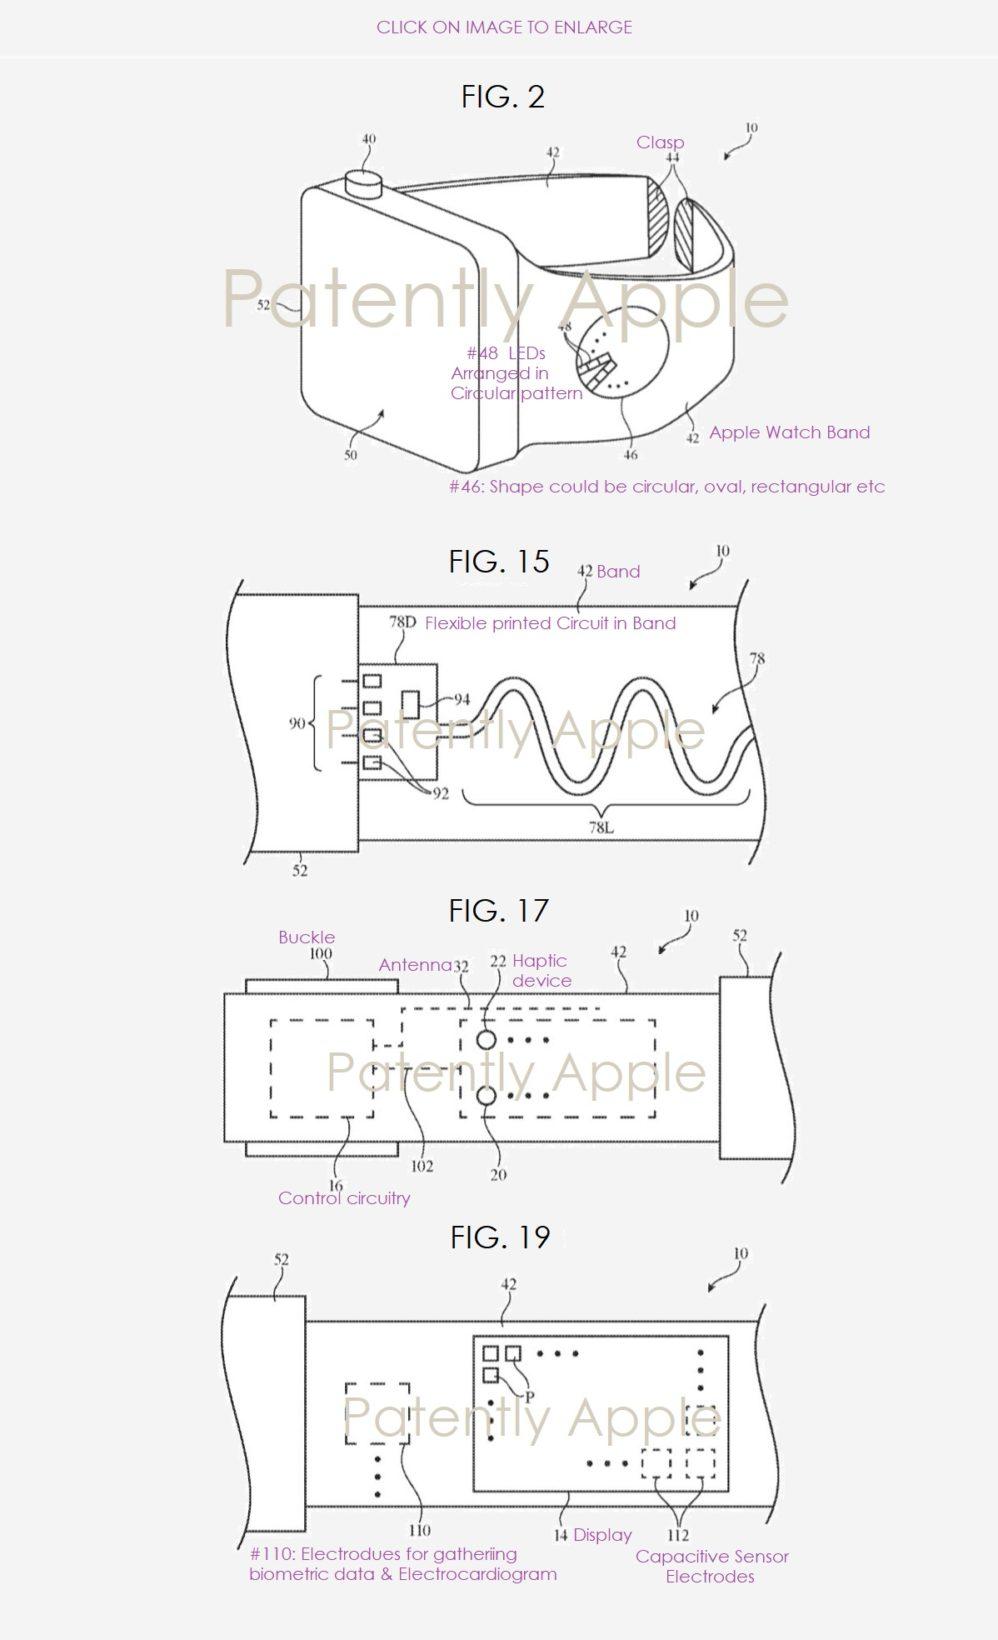 cinturino per Apple Watch con integrati circuiti